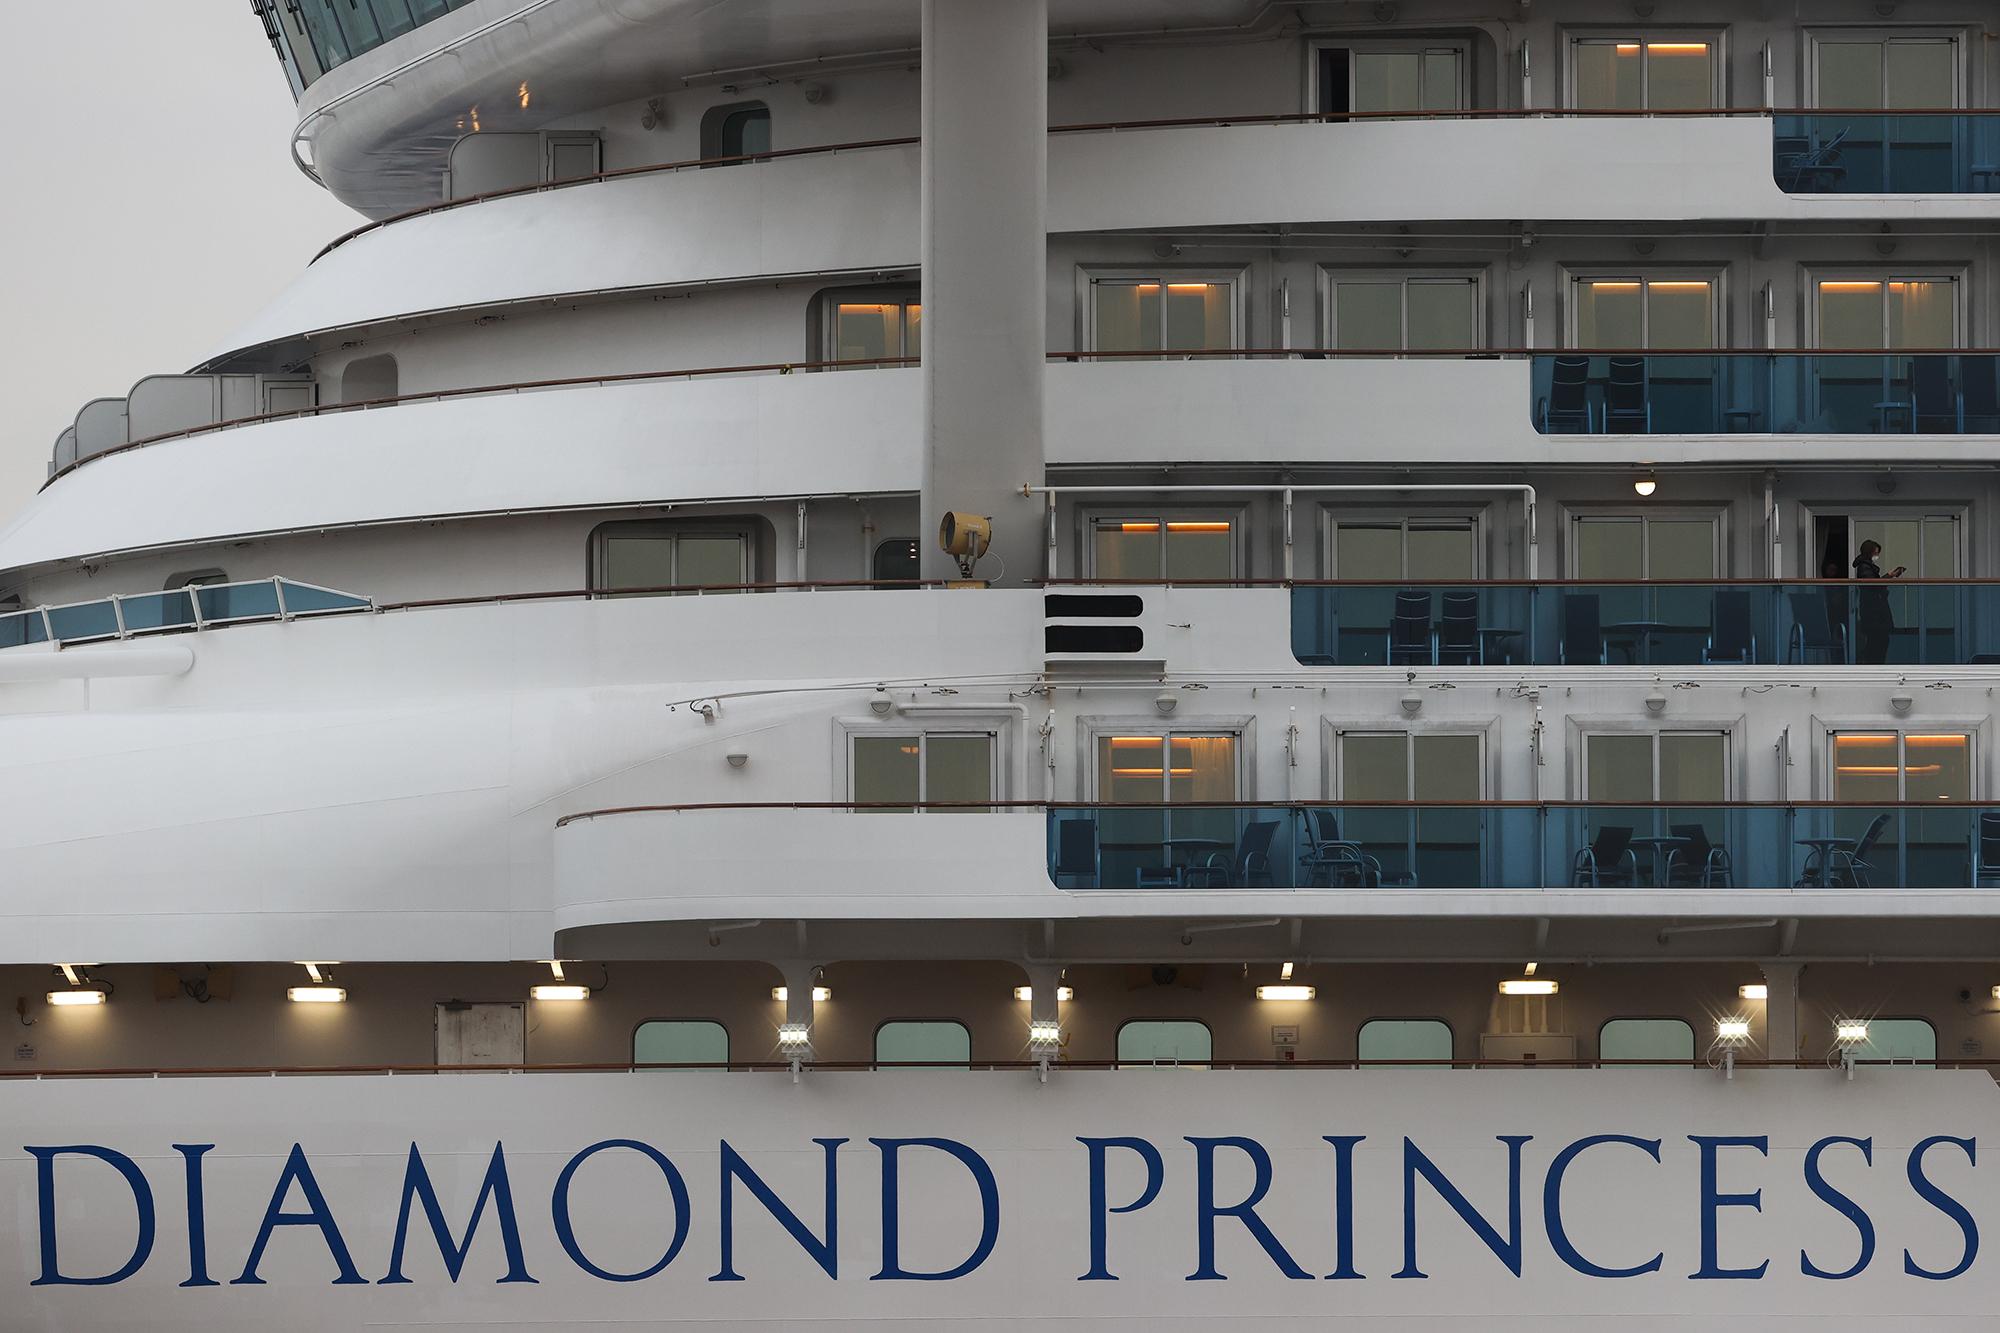 The Diamond Princess cruise ship at Daikoku Pier on February 20, in Yokohama, Japan.